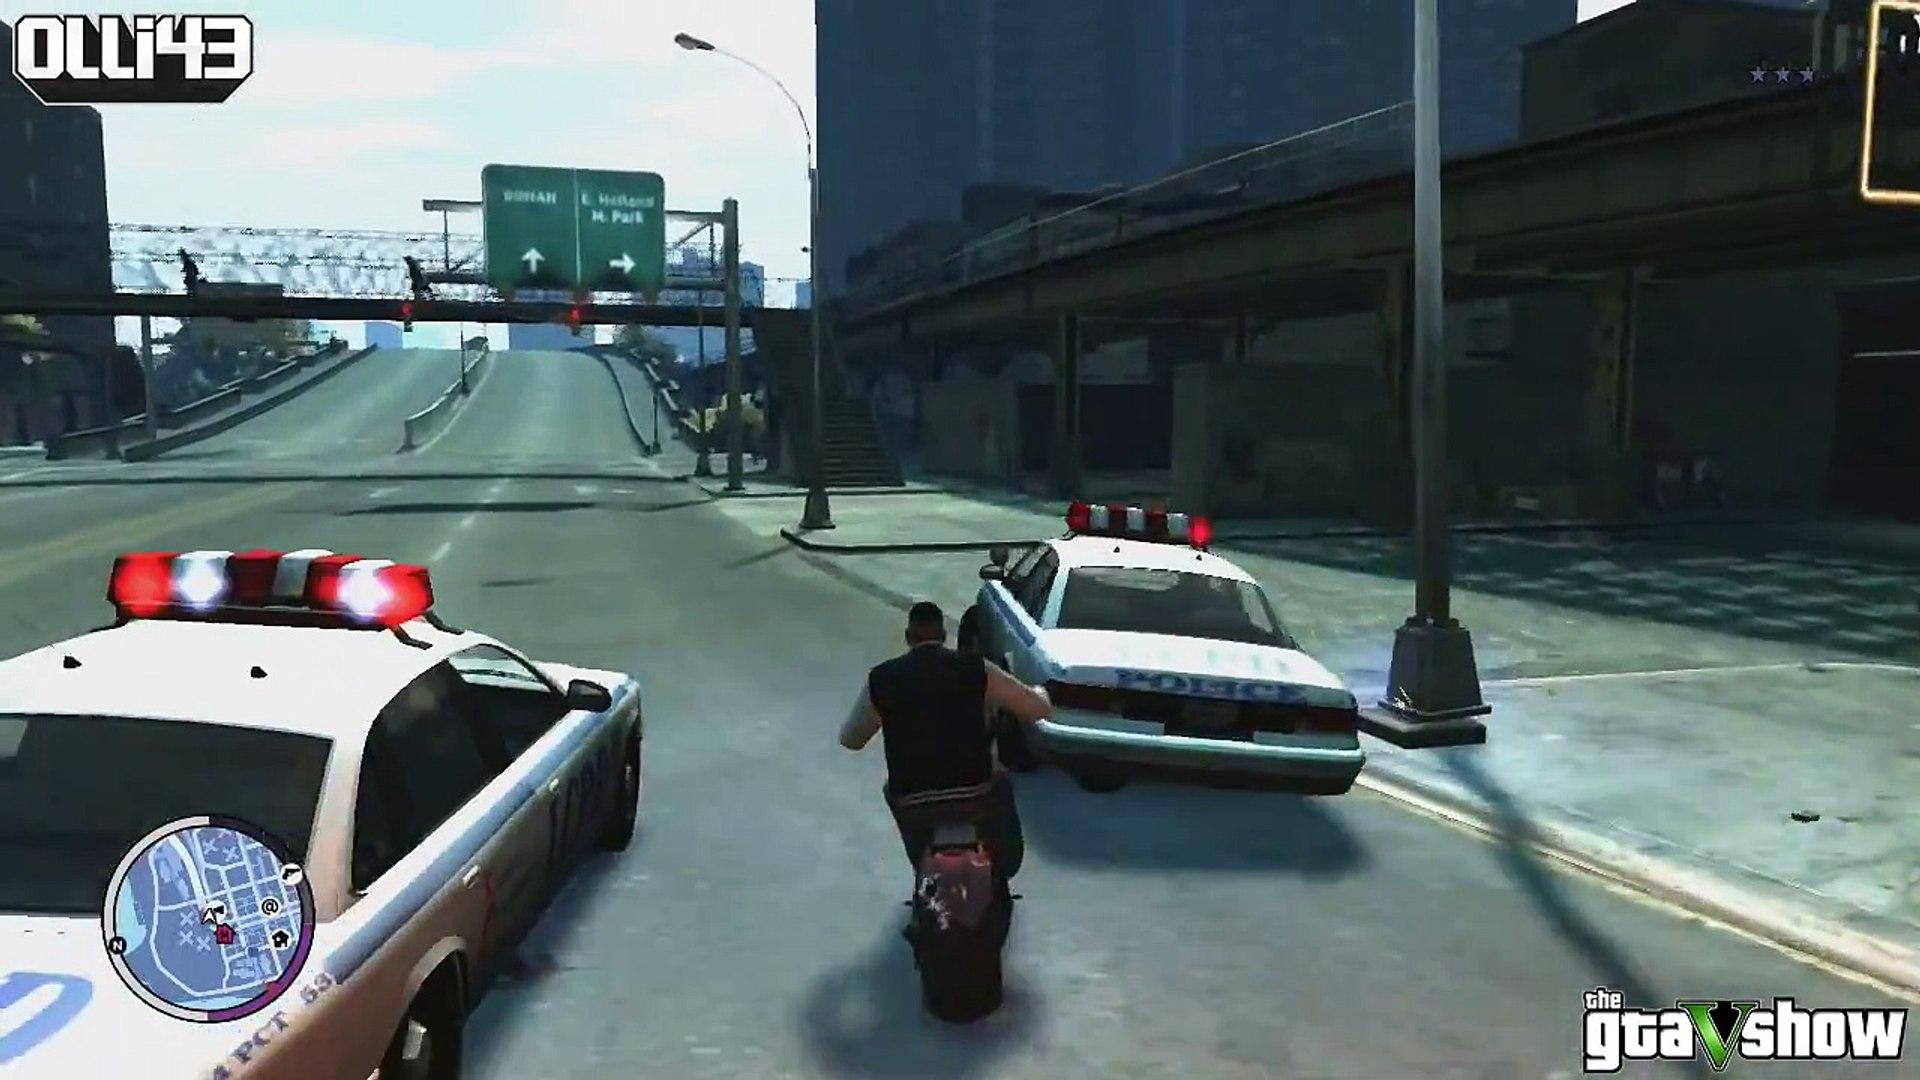 GTA 5 Major Leaks & DLC! w/ Typical Gamer [Spoiler Free] (GTA V)